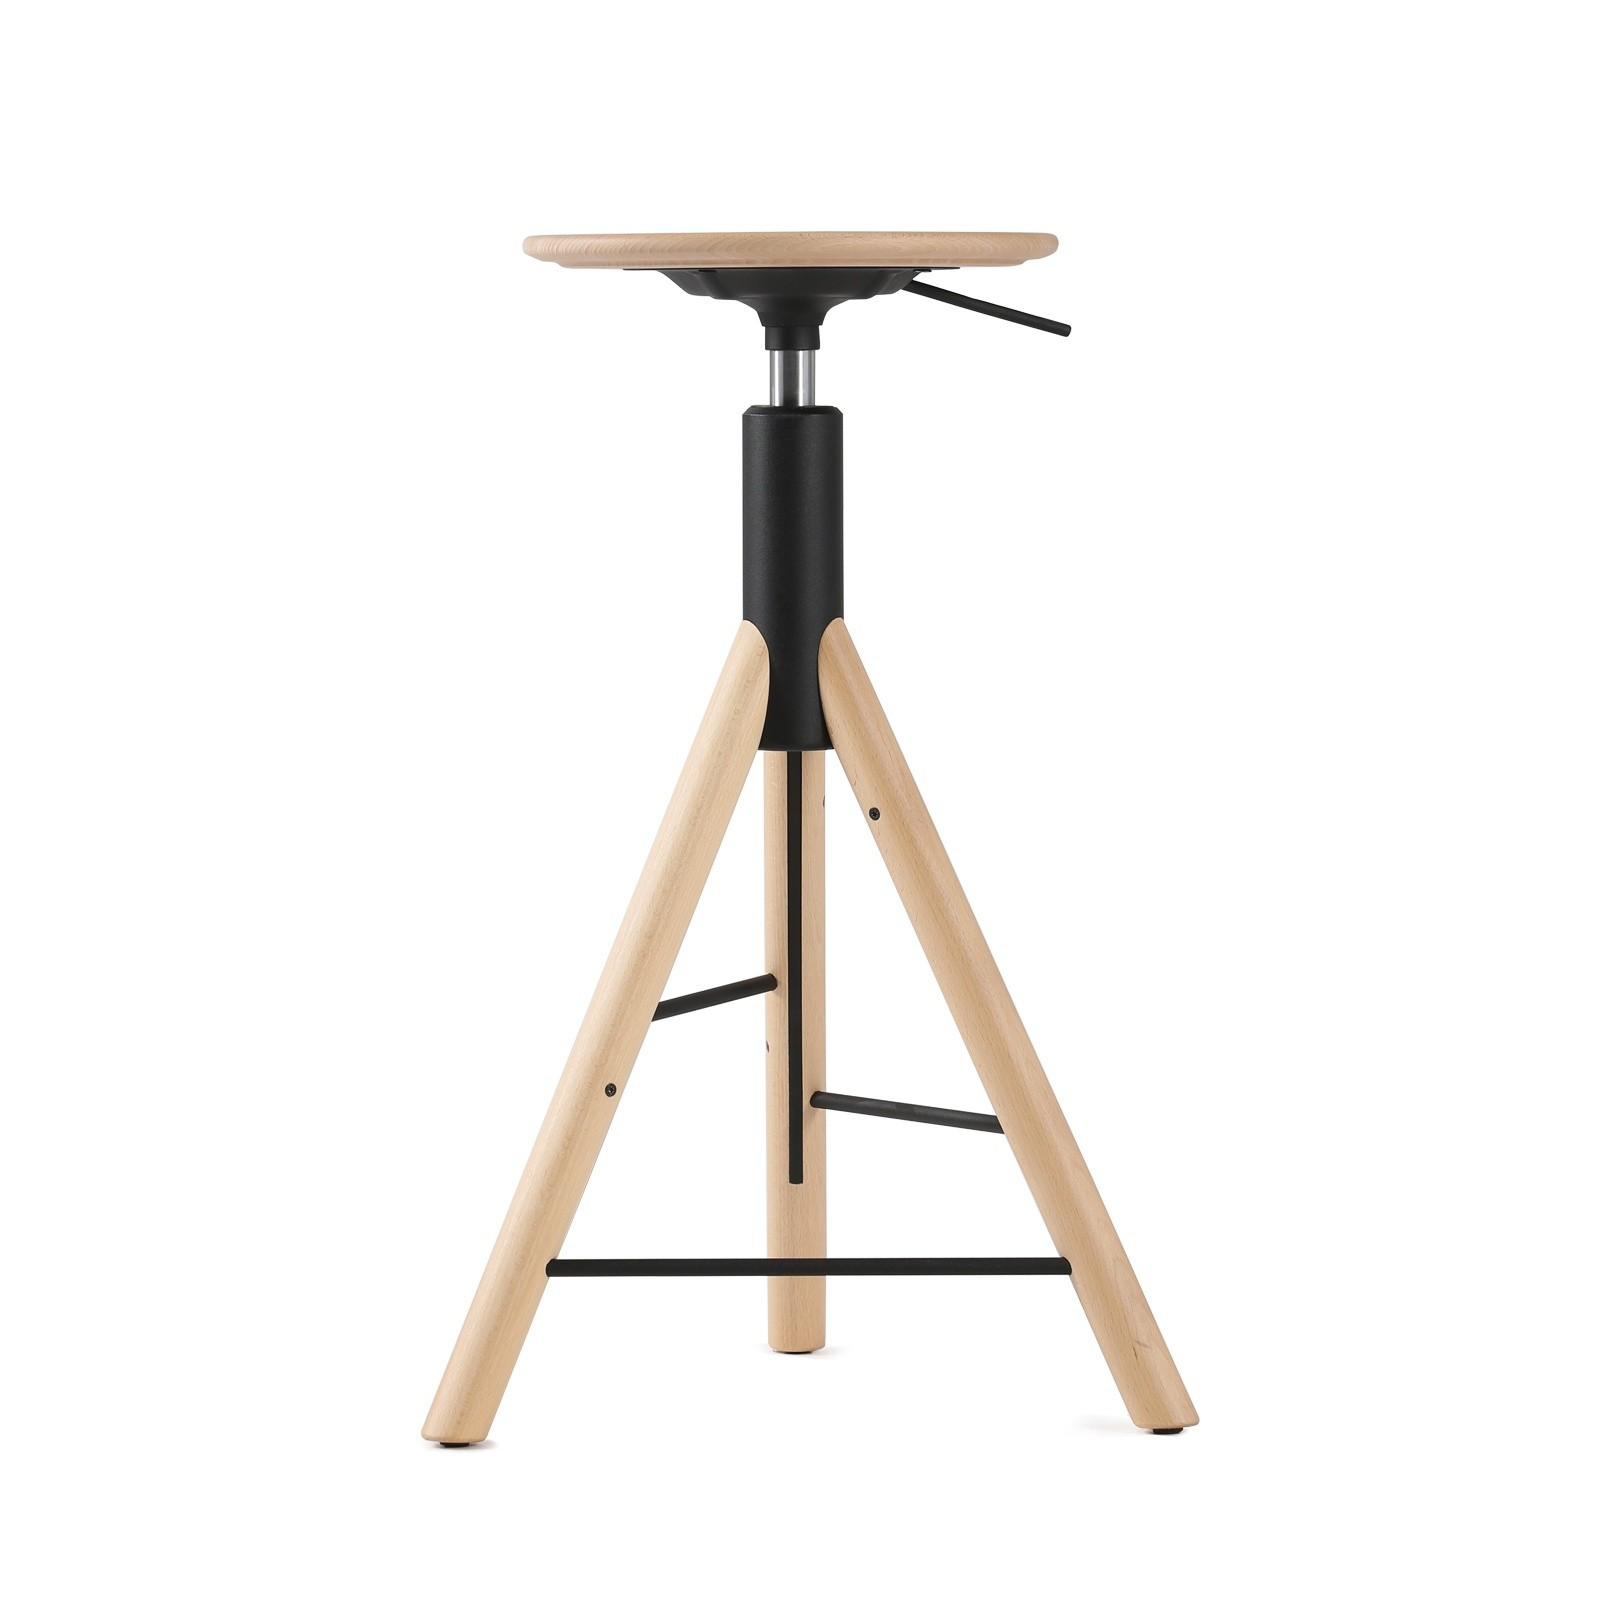 Krzesło barowe MannequinBar - 01 - drewniane